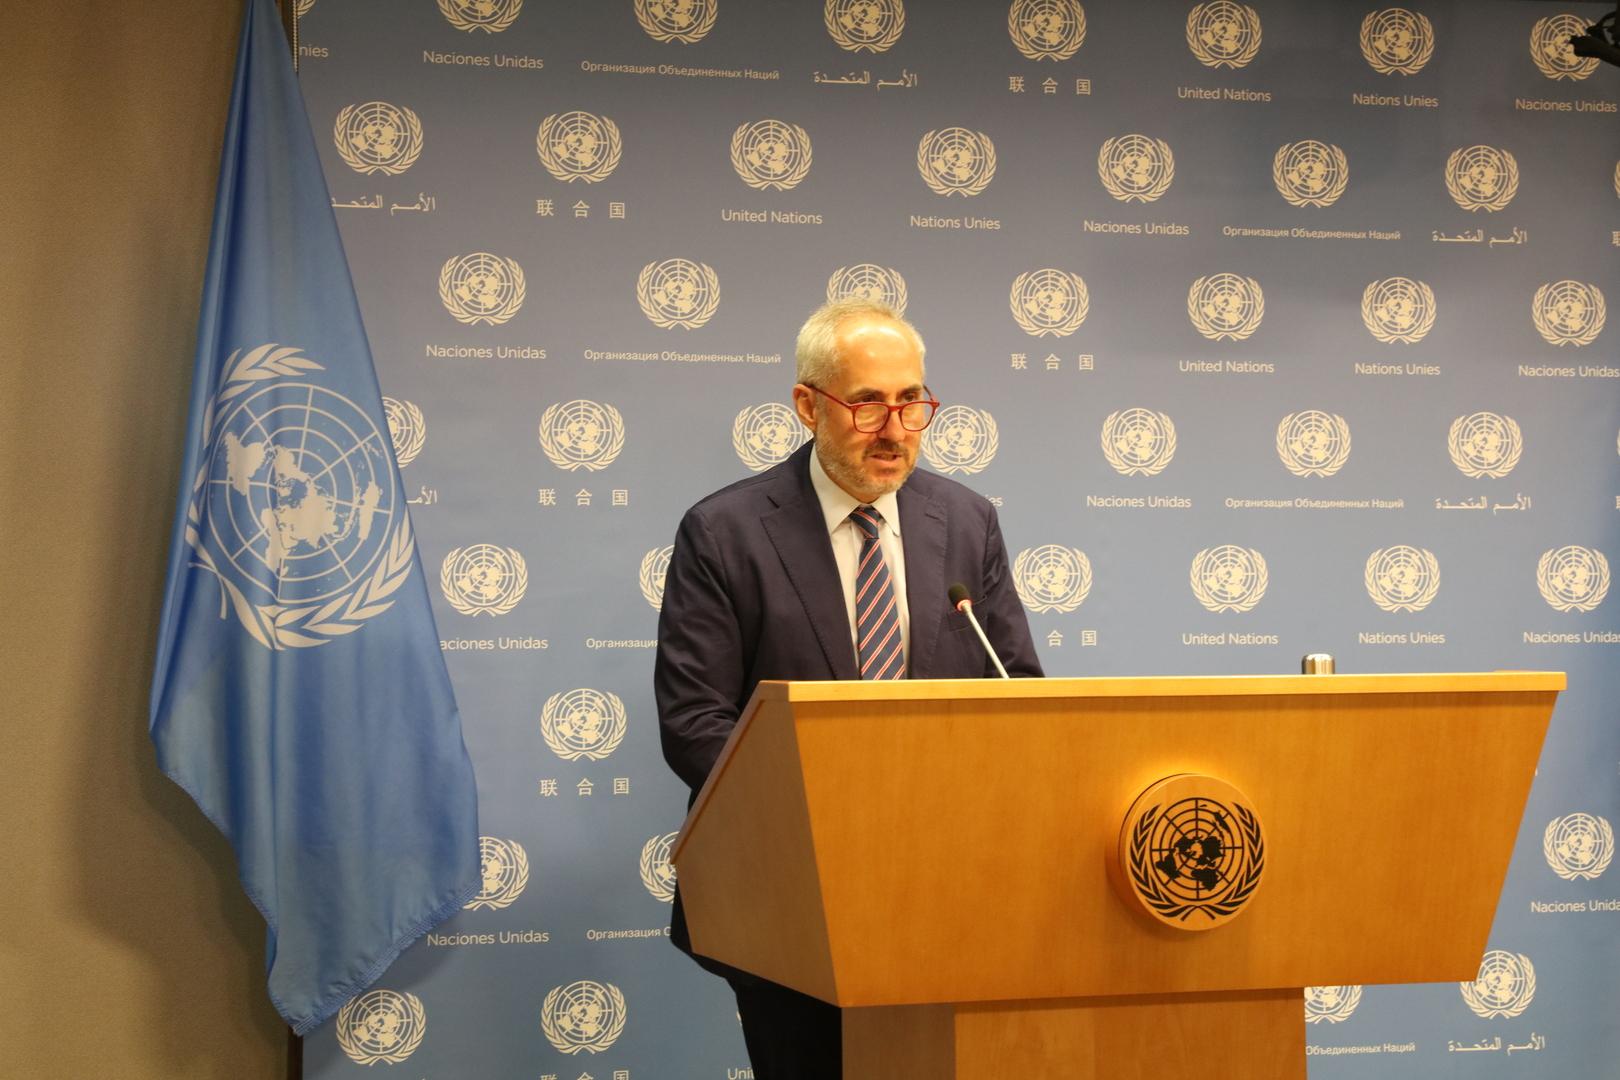 الأمم المتحدة: لا معلومات لدينا حول تدخل تركيا في نزاع قره باغ